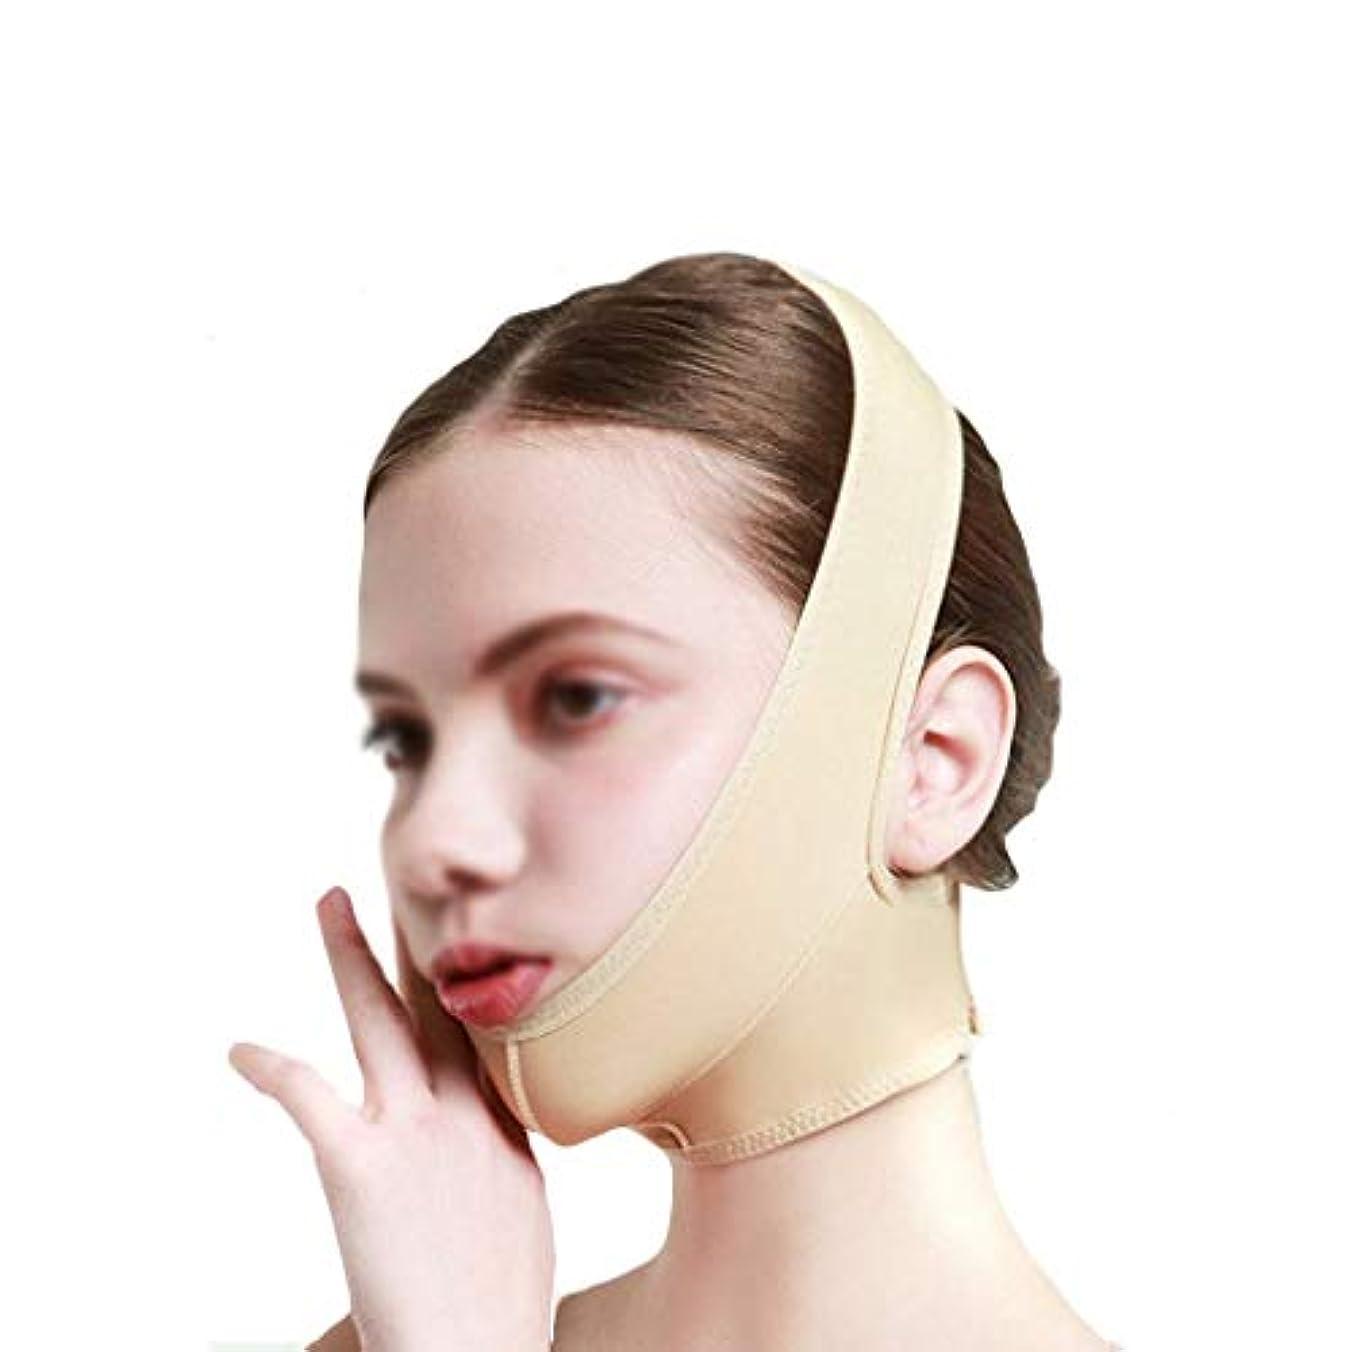 ダブルチンリデューサー、フェイススリミングマスク、フェイスリフティング、ストレッチマスク、ダブルチン、浮腫緩和、ケアツール、通気性(サイズ:XL),ザ?